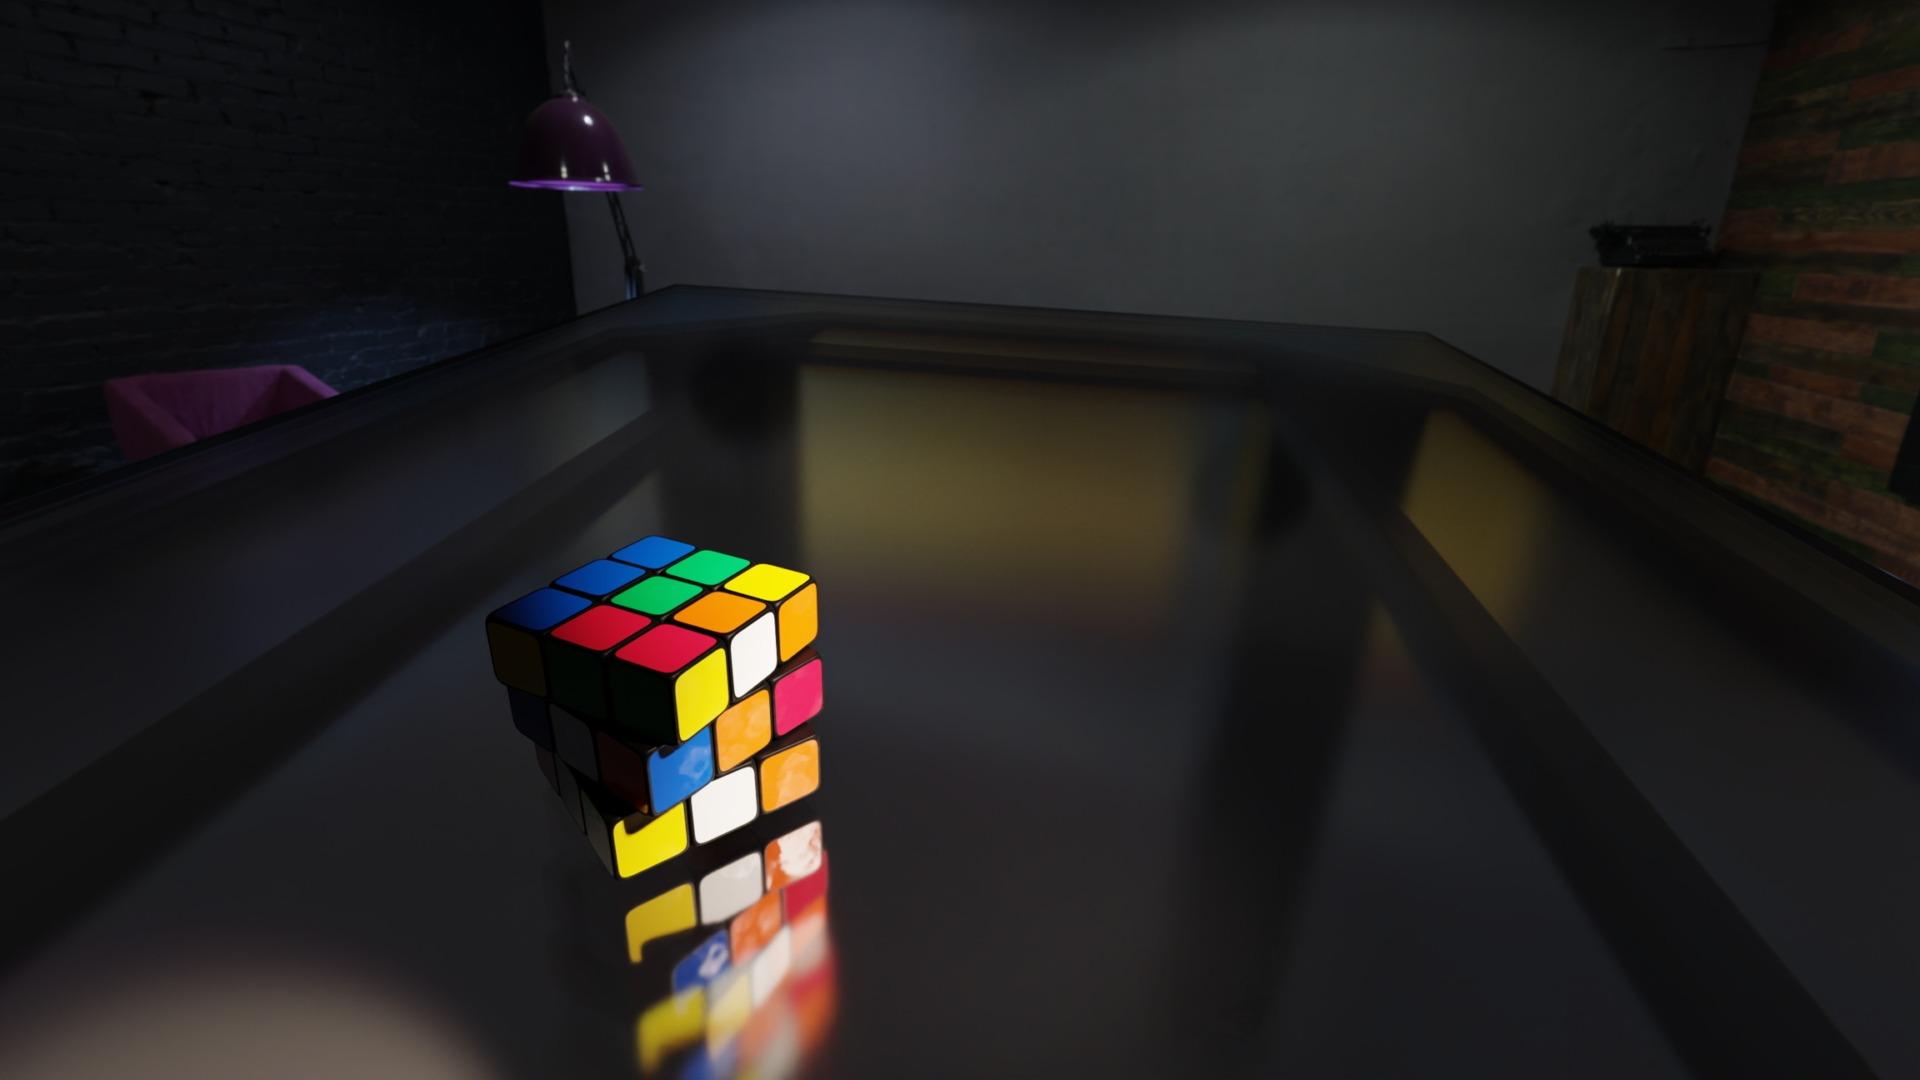 cubo01